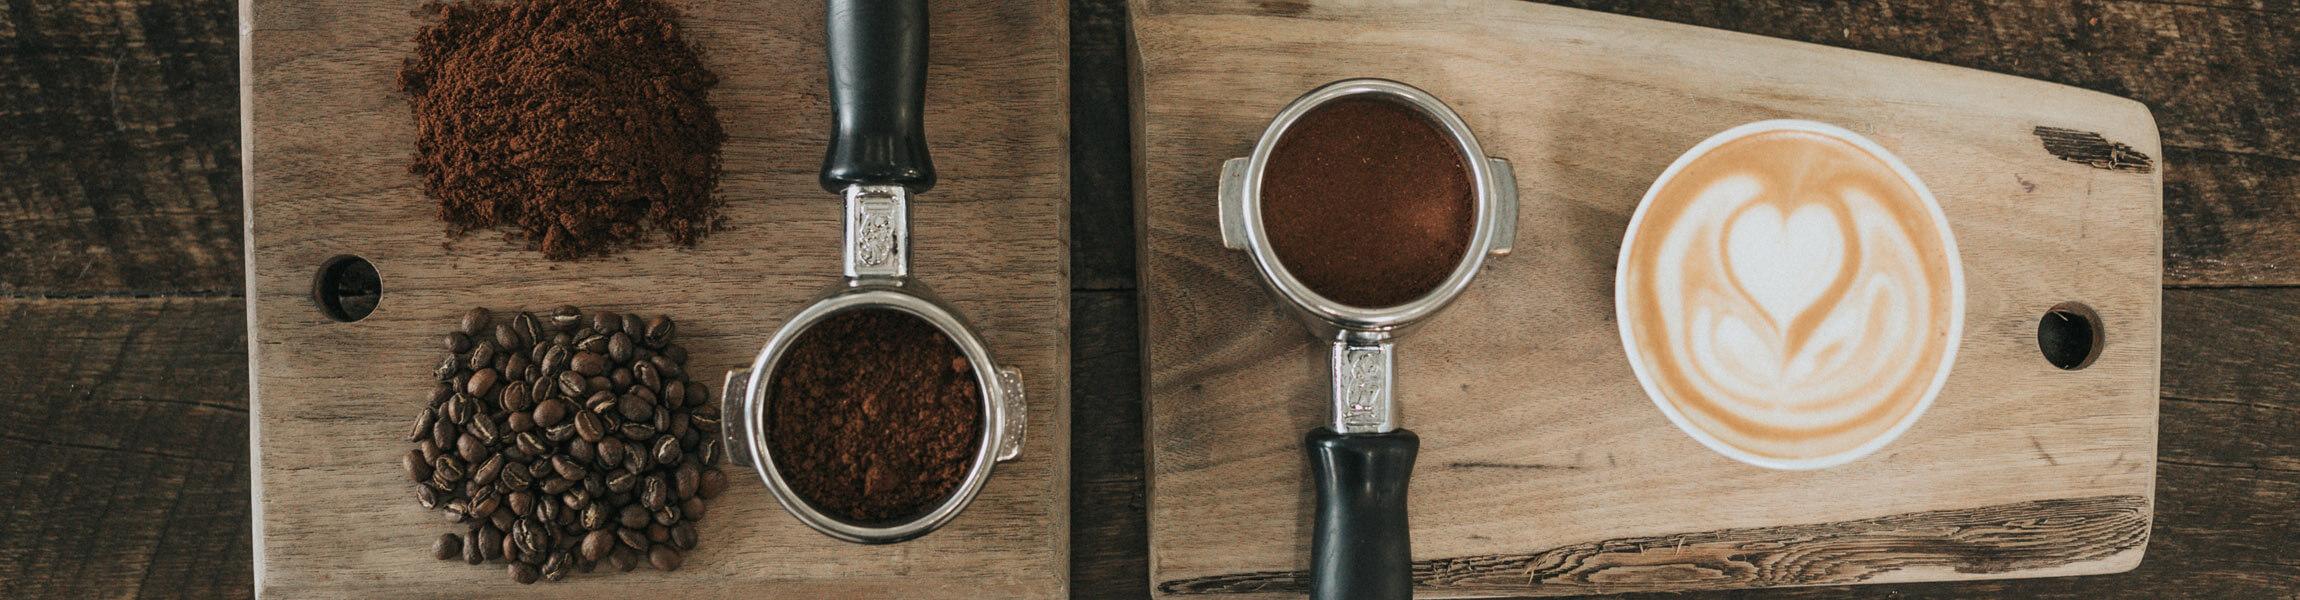 Espresso Bohnen und Kaffee